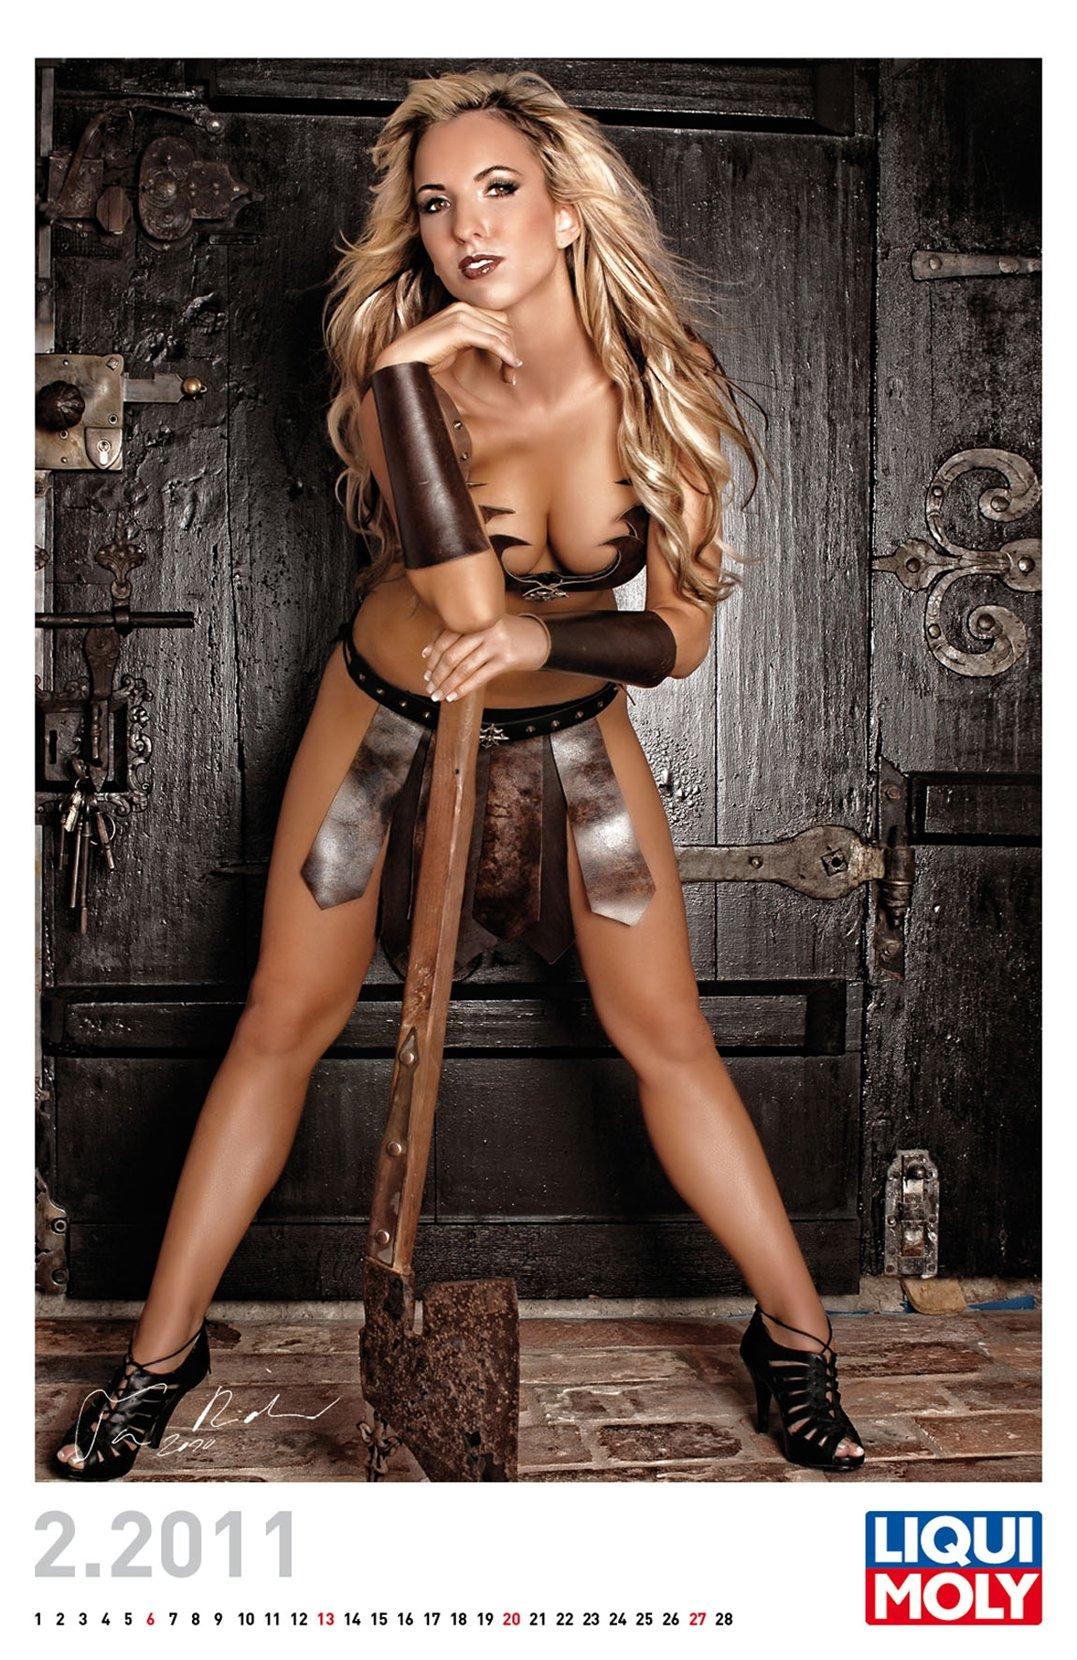 эротический календарь Liqui Moly calendar 2011 - февраль